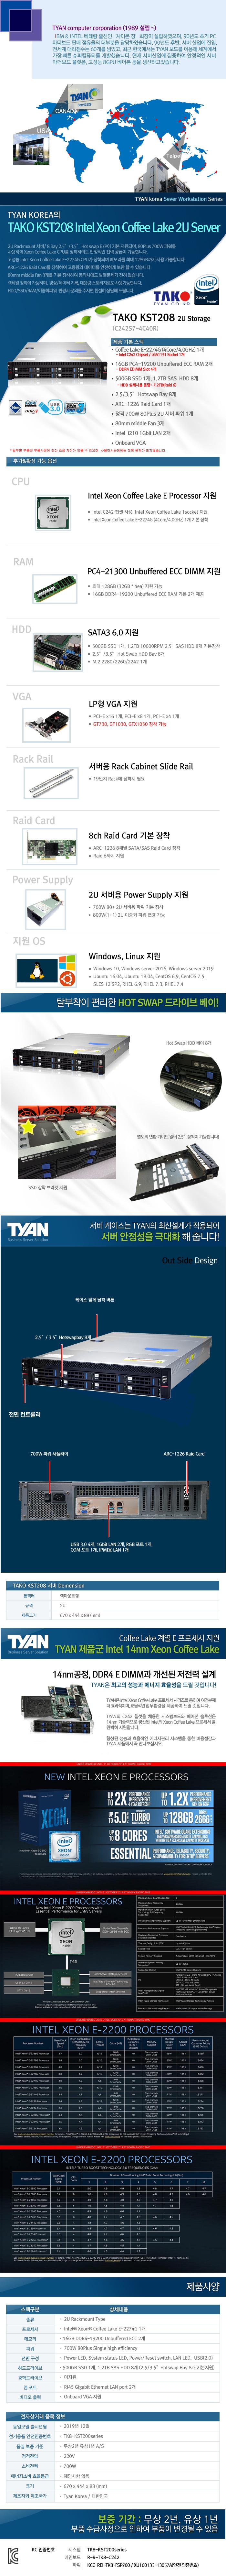 TYAN TAKO-KST208-(C242S7-4C40R) (32GB, SSD 500GB + 7.2TB)